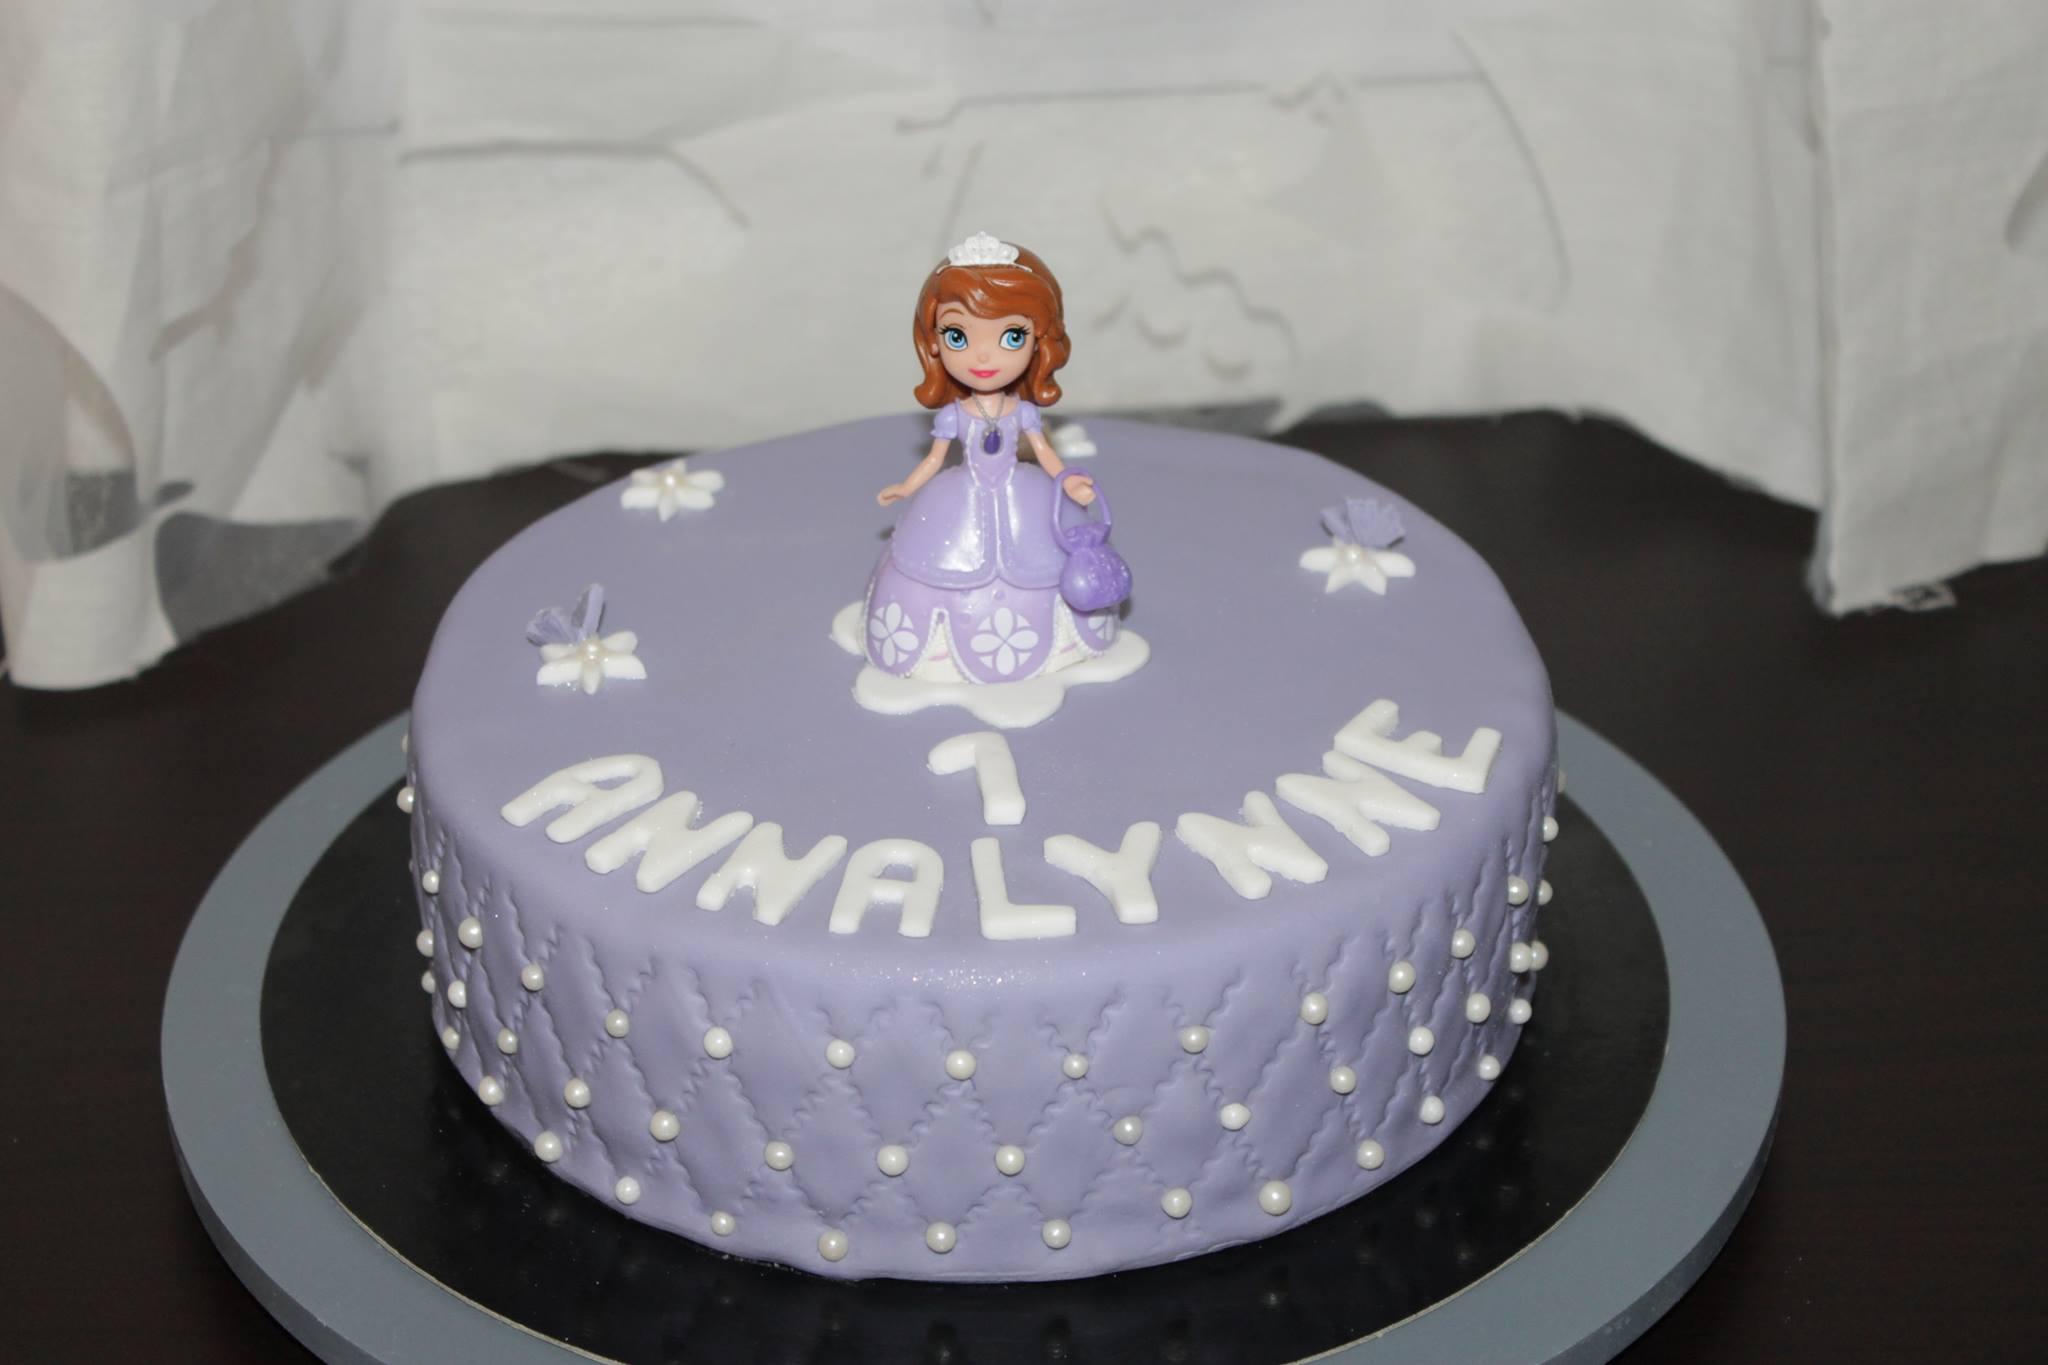 Prince Cake Design